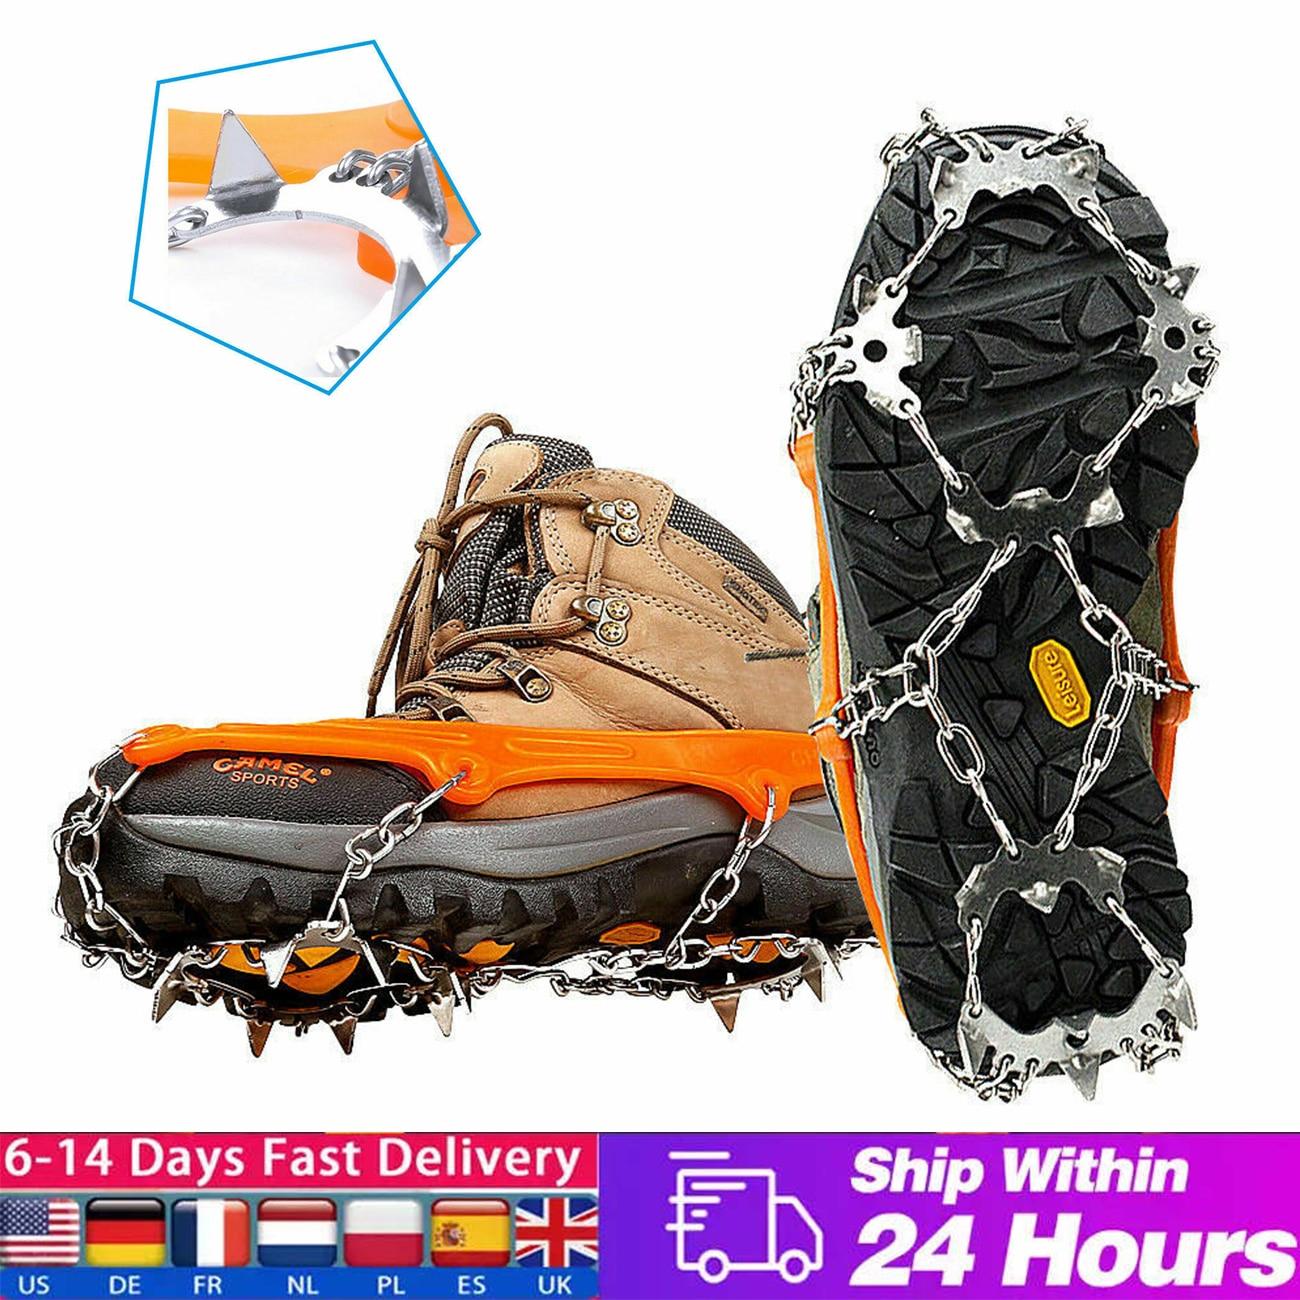 1 زوج 18 Teeths الجليد الثلوج الأشرطة المضادة للانزلاق تسلق القابض حذاء غطاء سبايك عالية القوة الفولاذ المقاوم للصدأ المرابط دروبشيبينغ